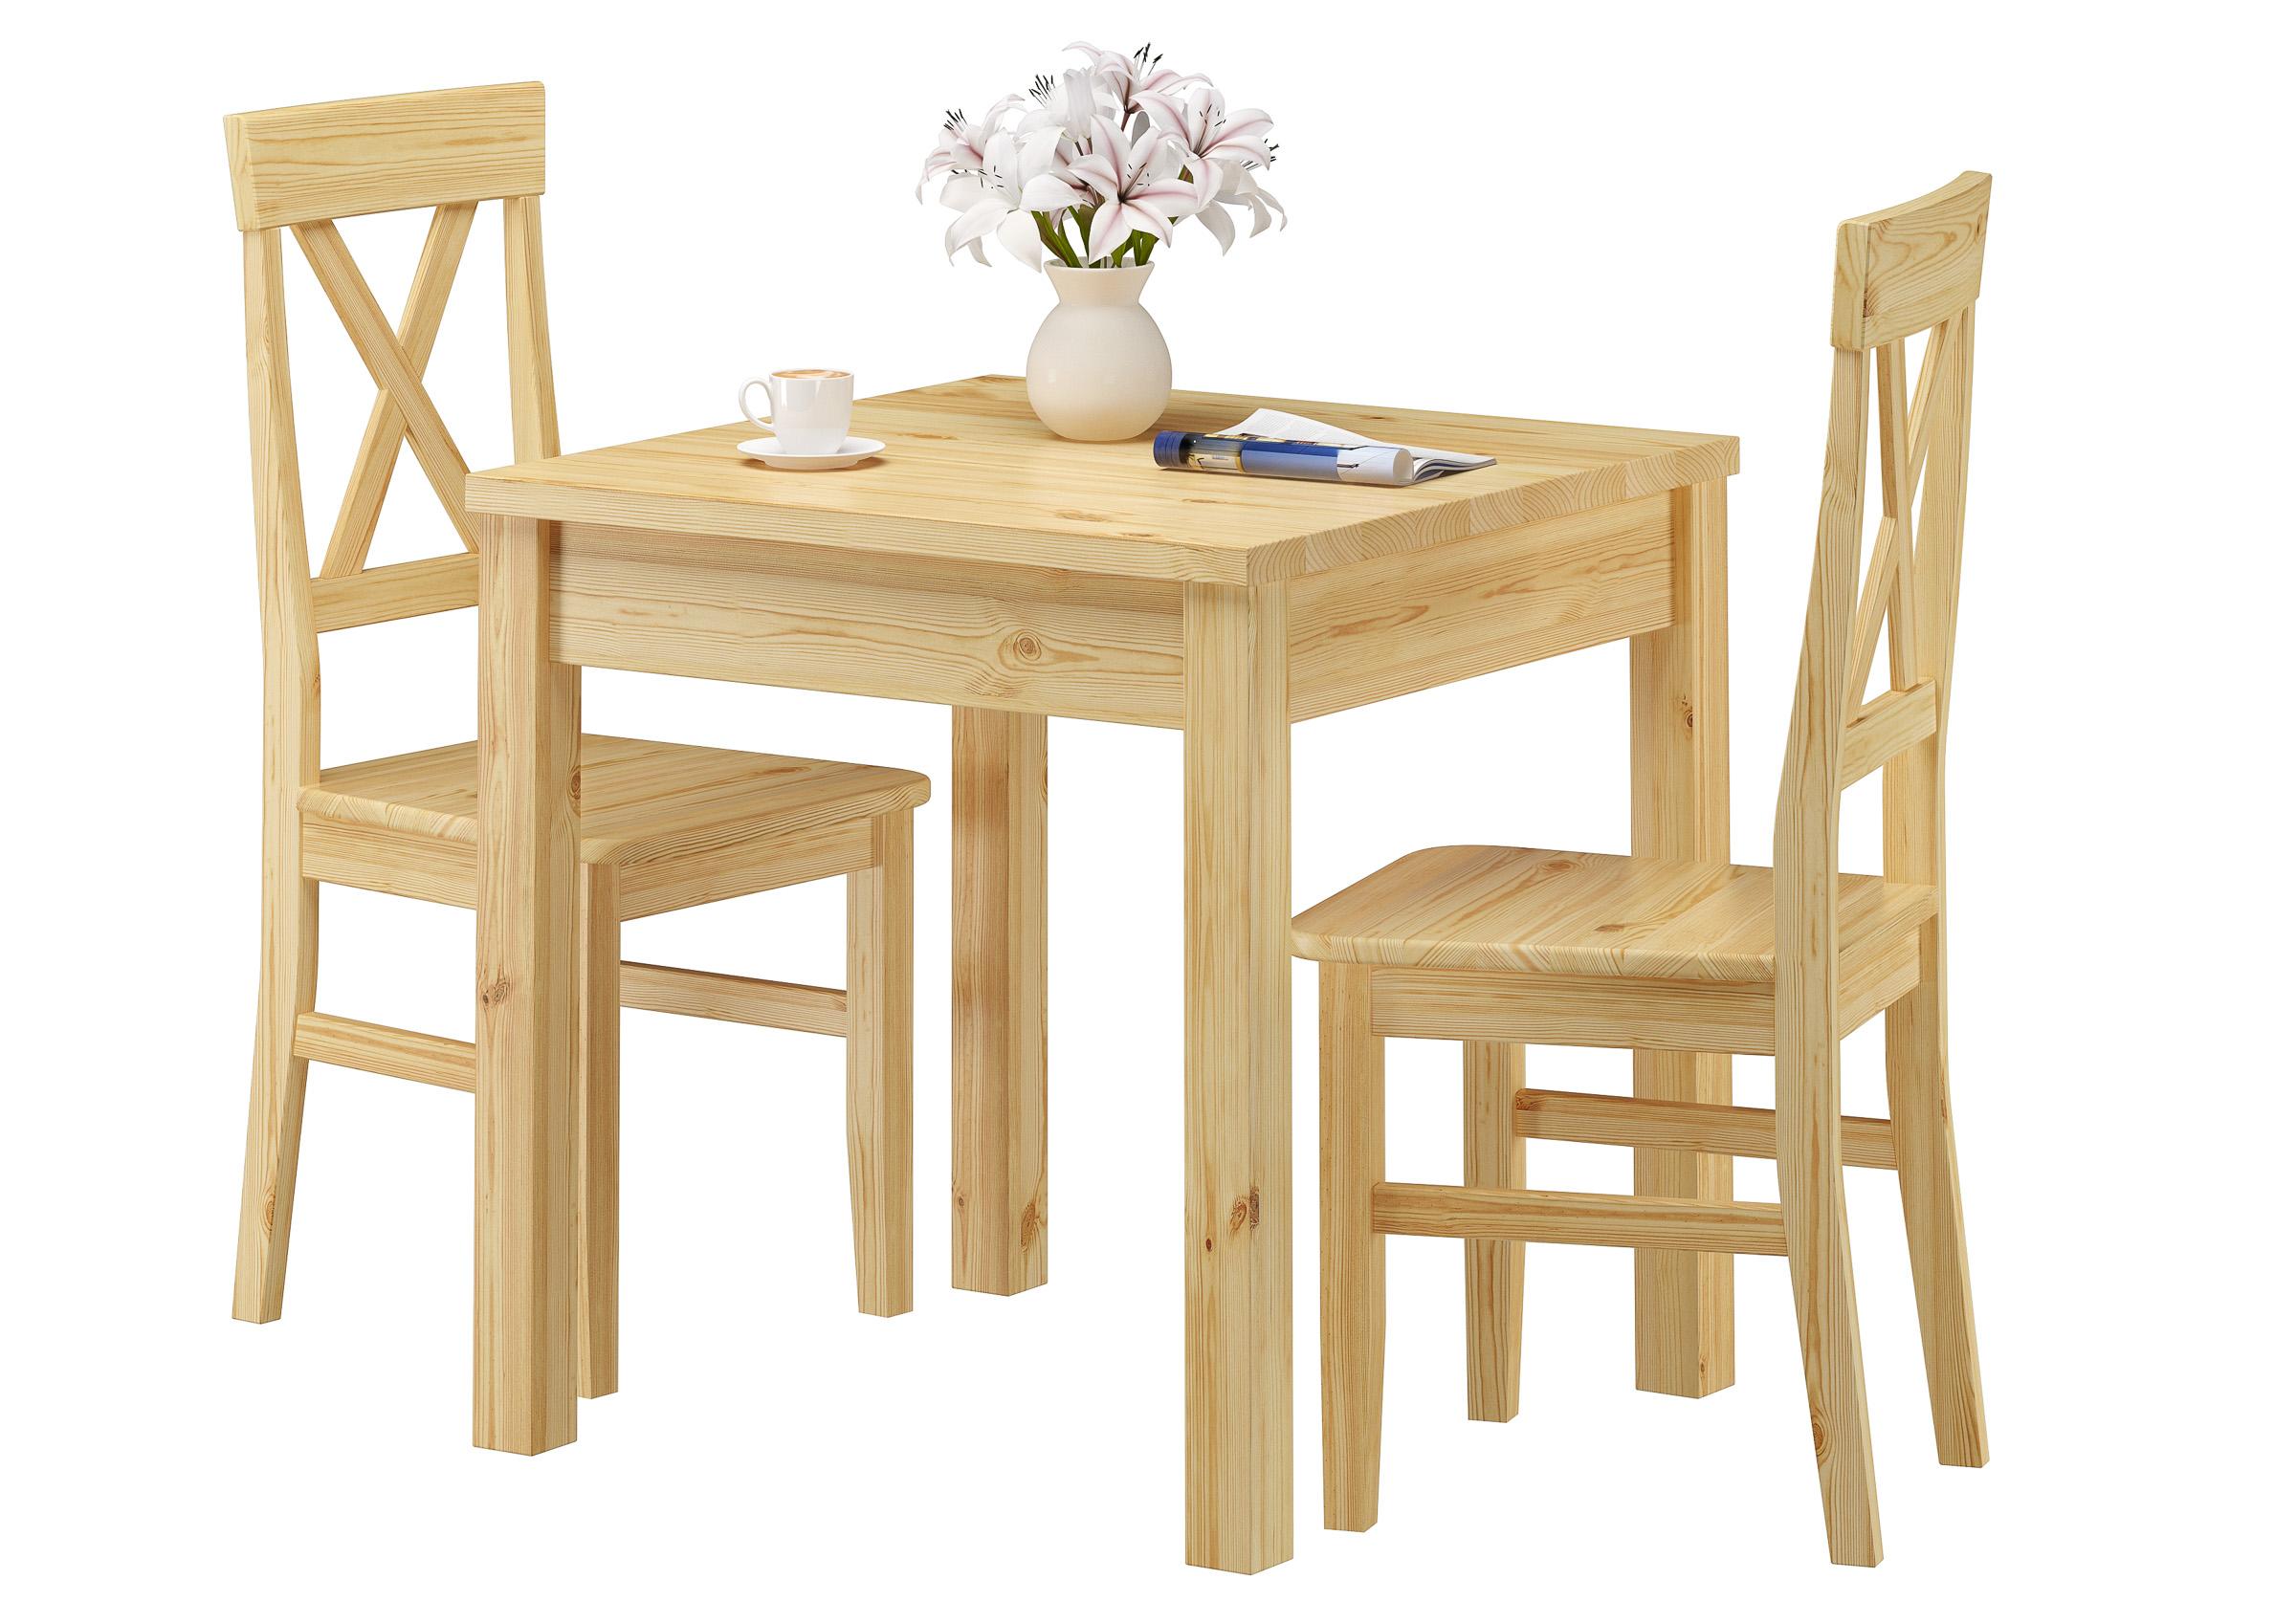 Massivholz Essgruppe Mit Tisch Und 2 Stühle Kiefer 90 70